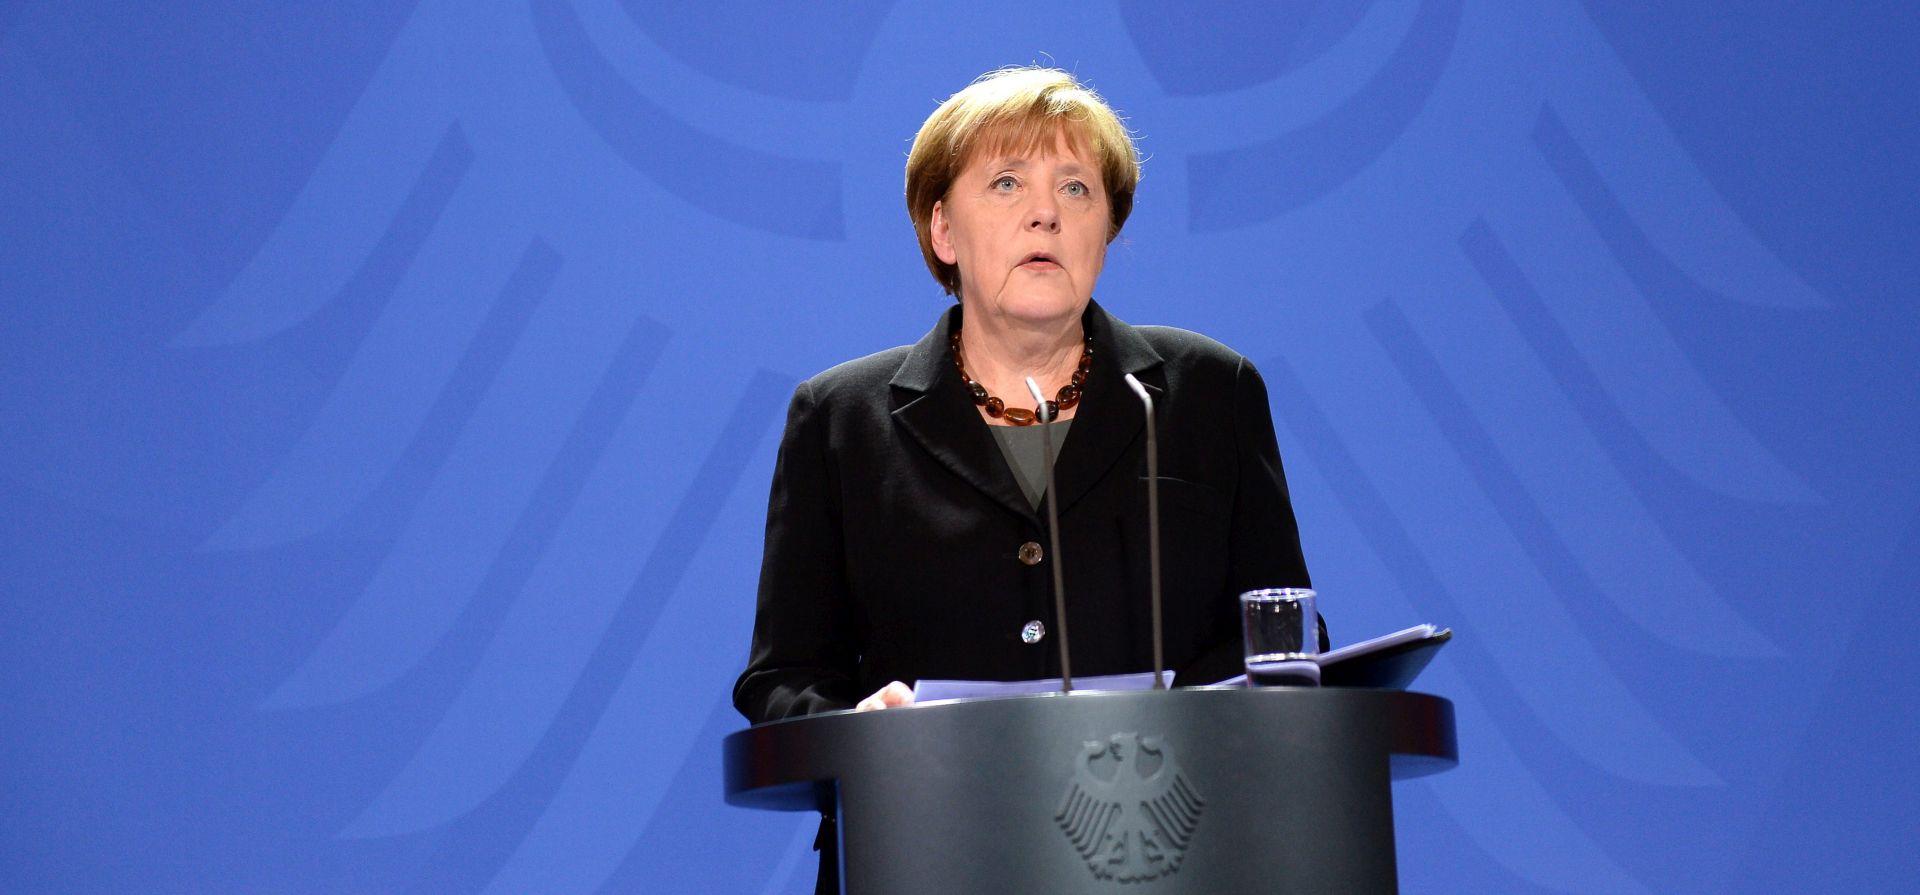 SASTANAK S KINESKIM KOLEGAMA: Merkel o gospodarstvu i ljudskim pravima